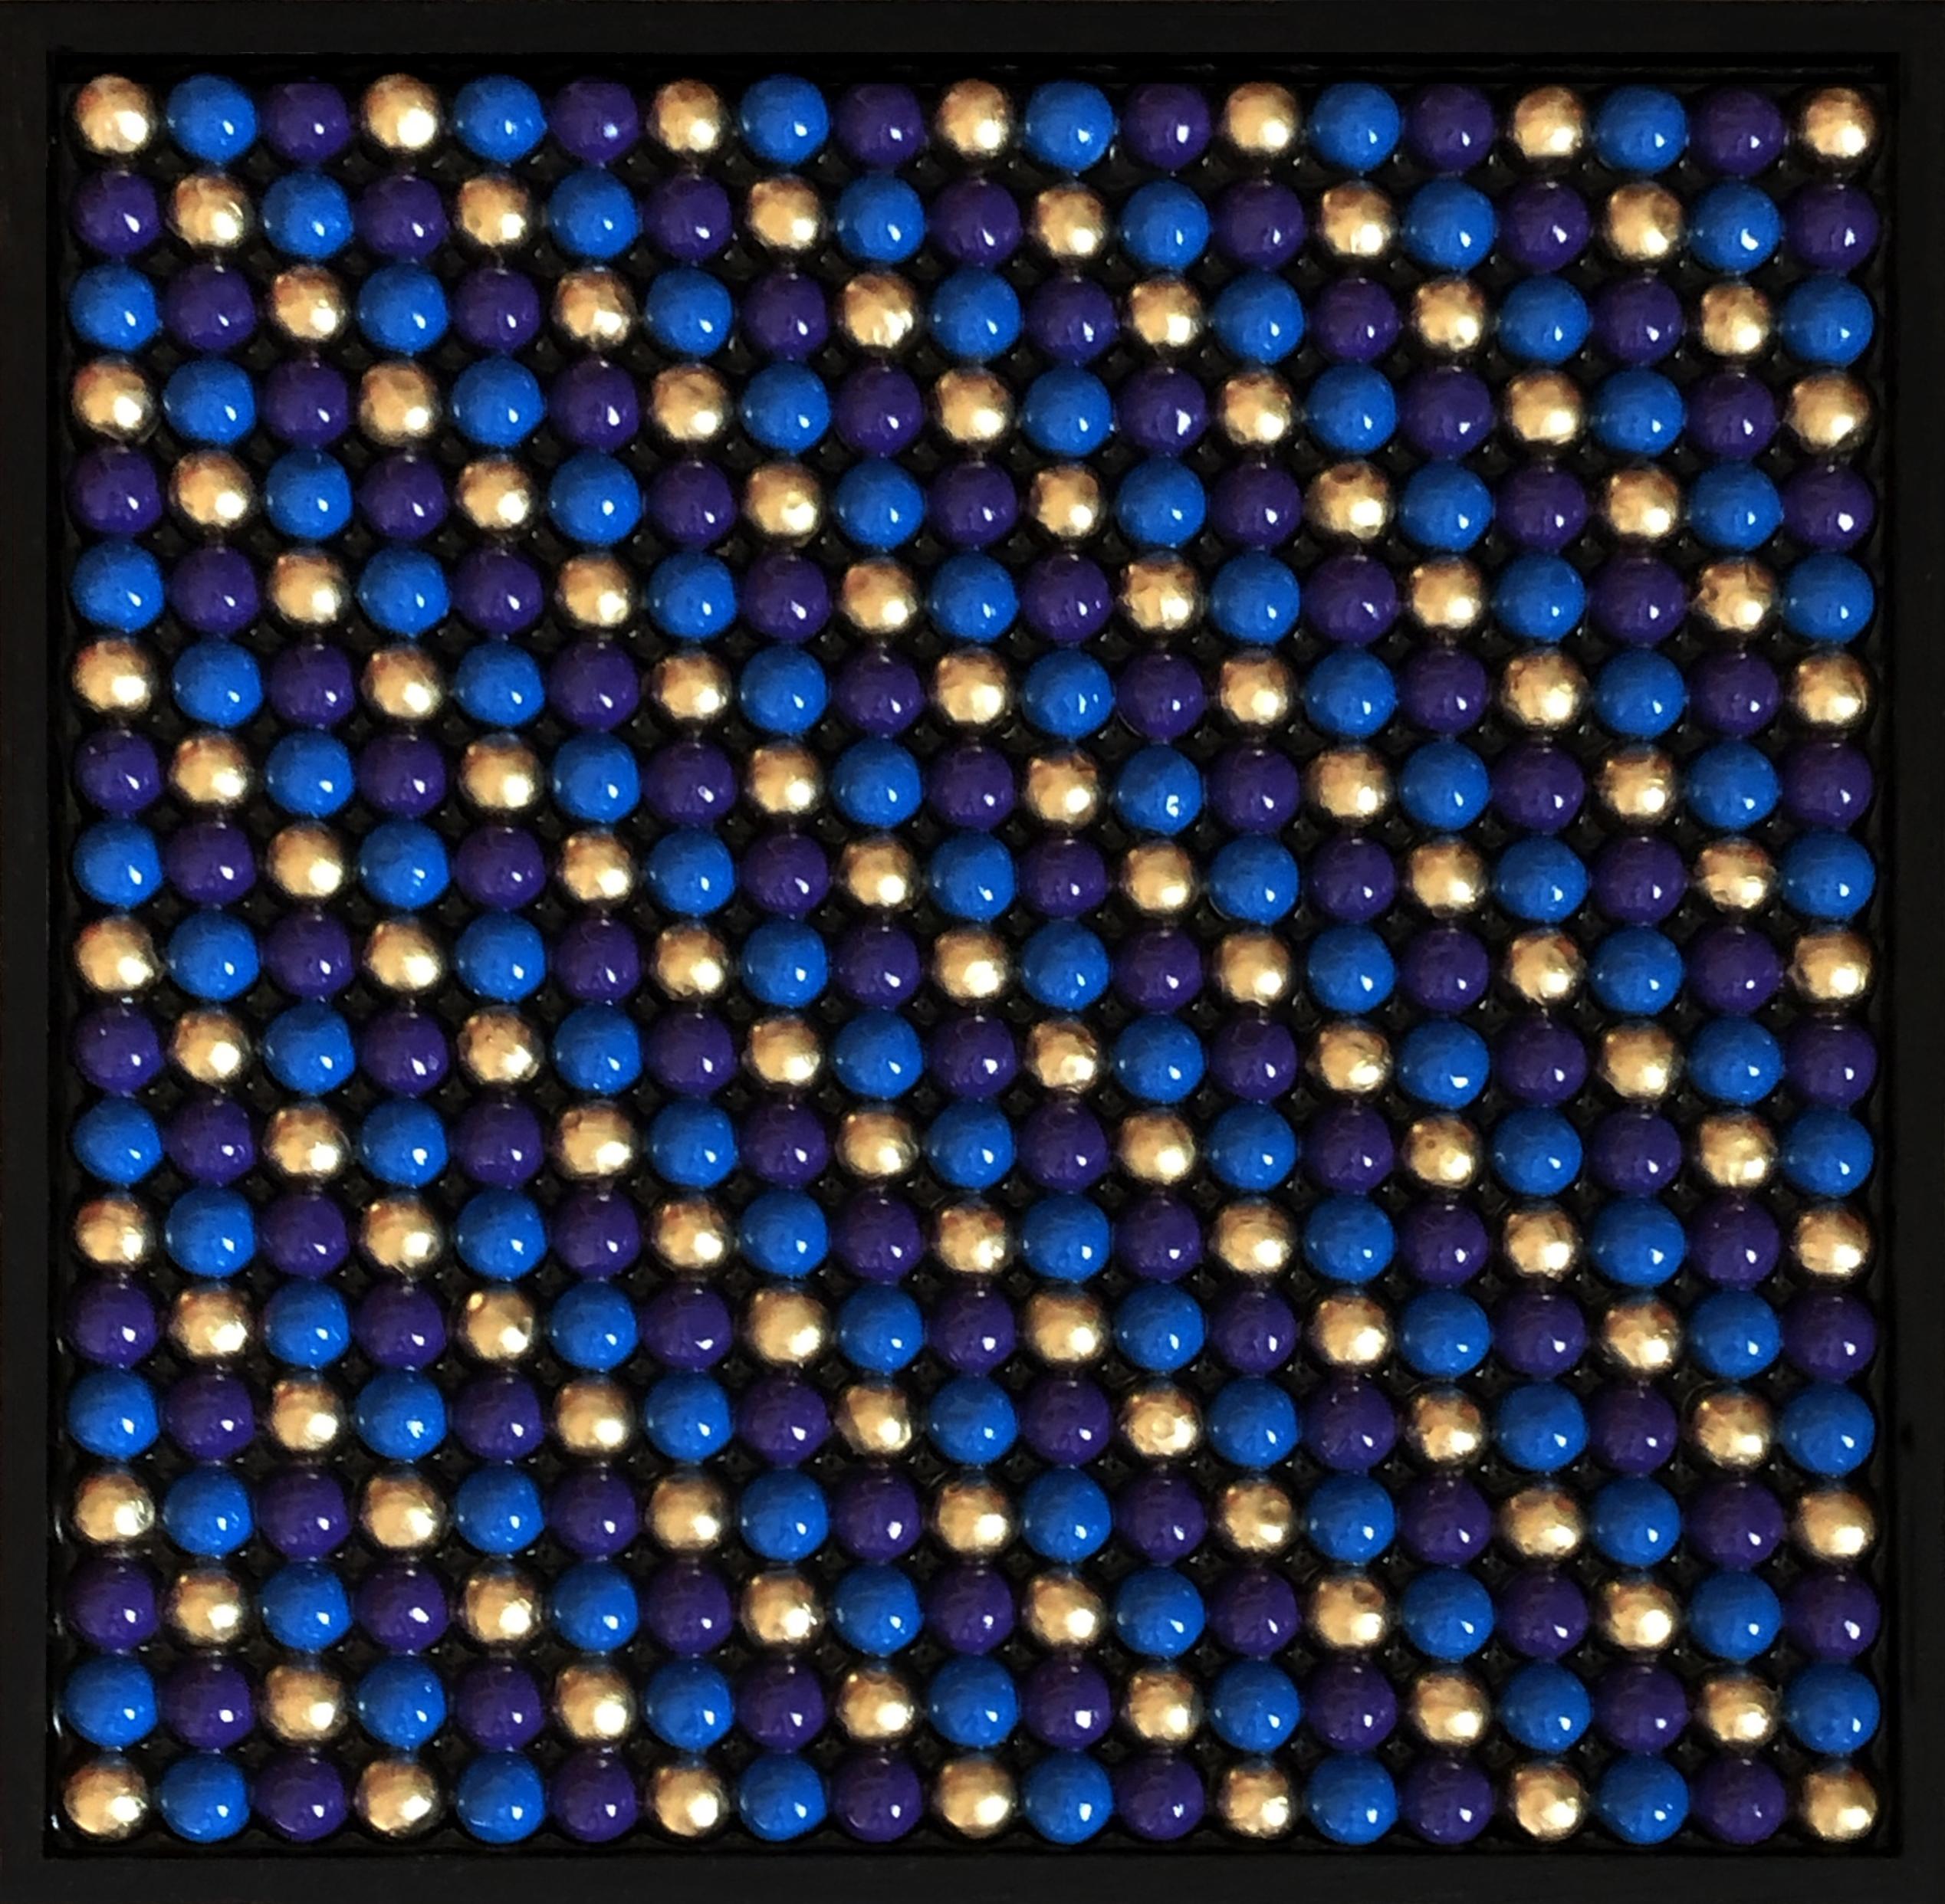 Bubble Gums Pixelize no.2